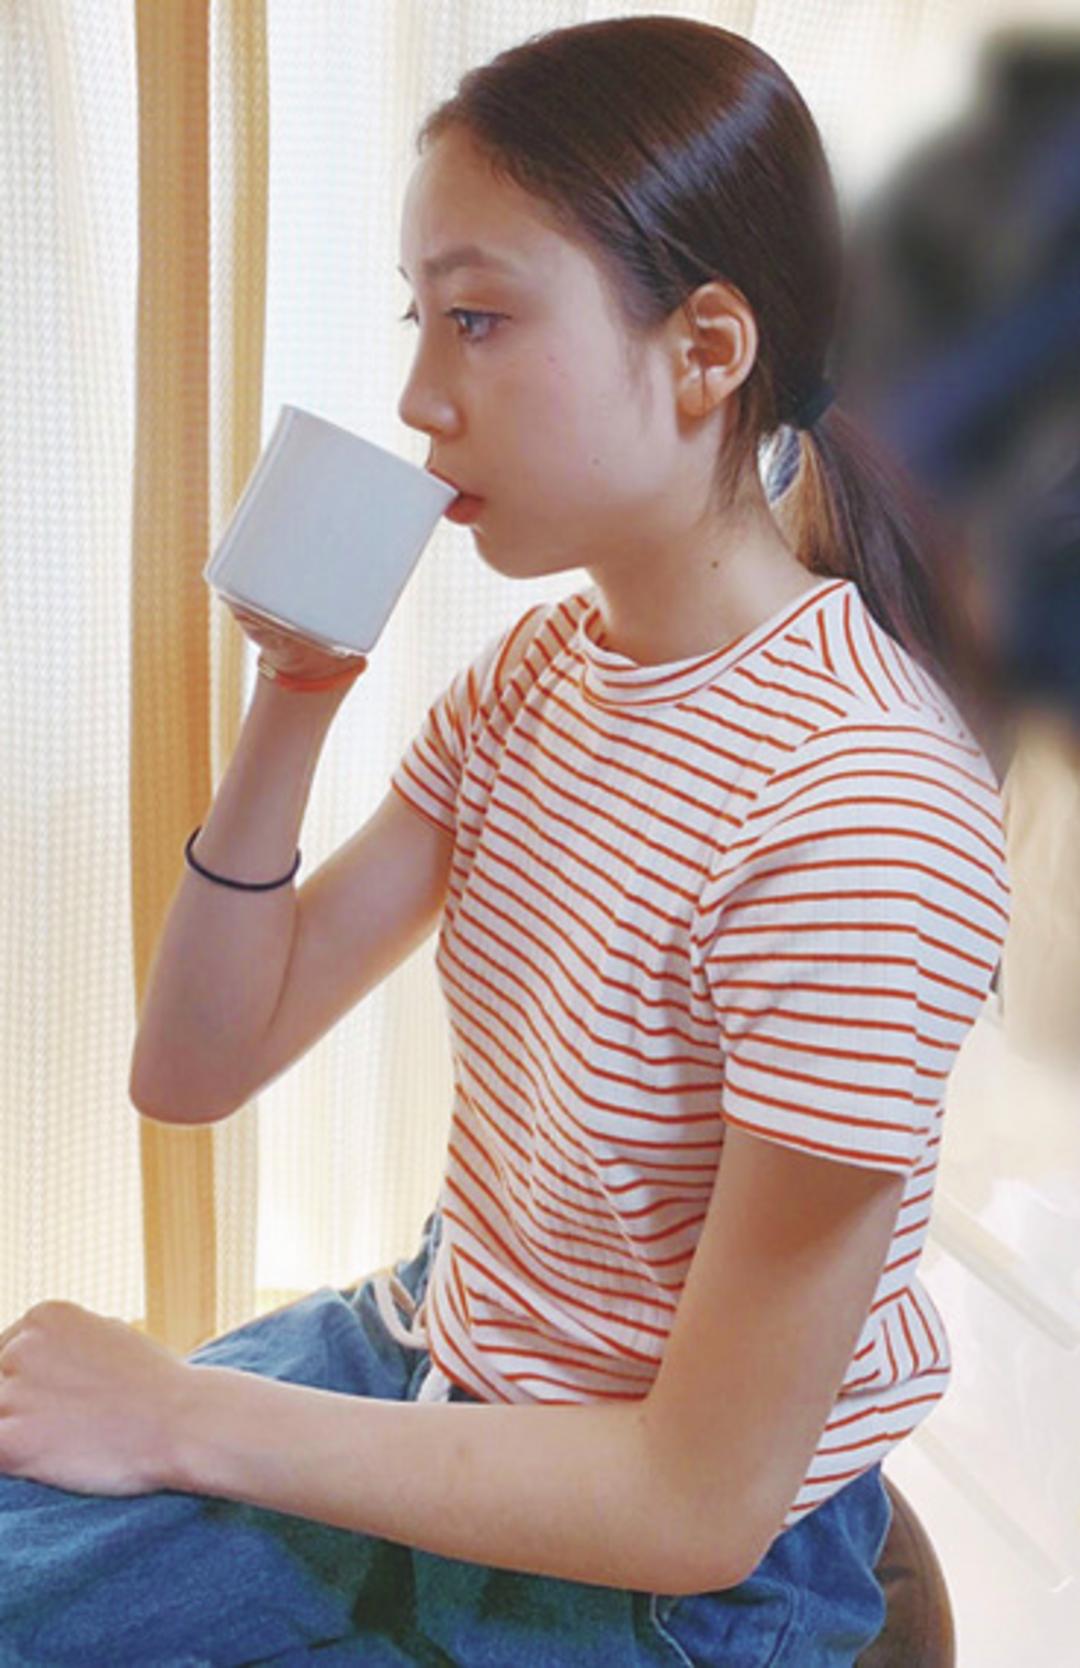 [やってるコト1]朝イチでお白湯をコップ1杯